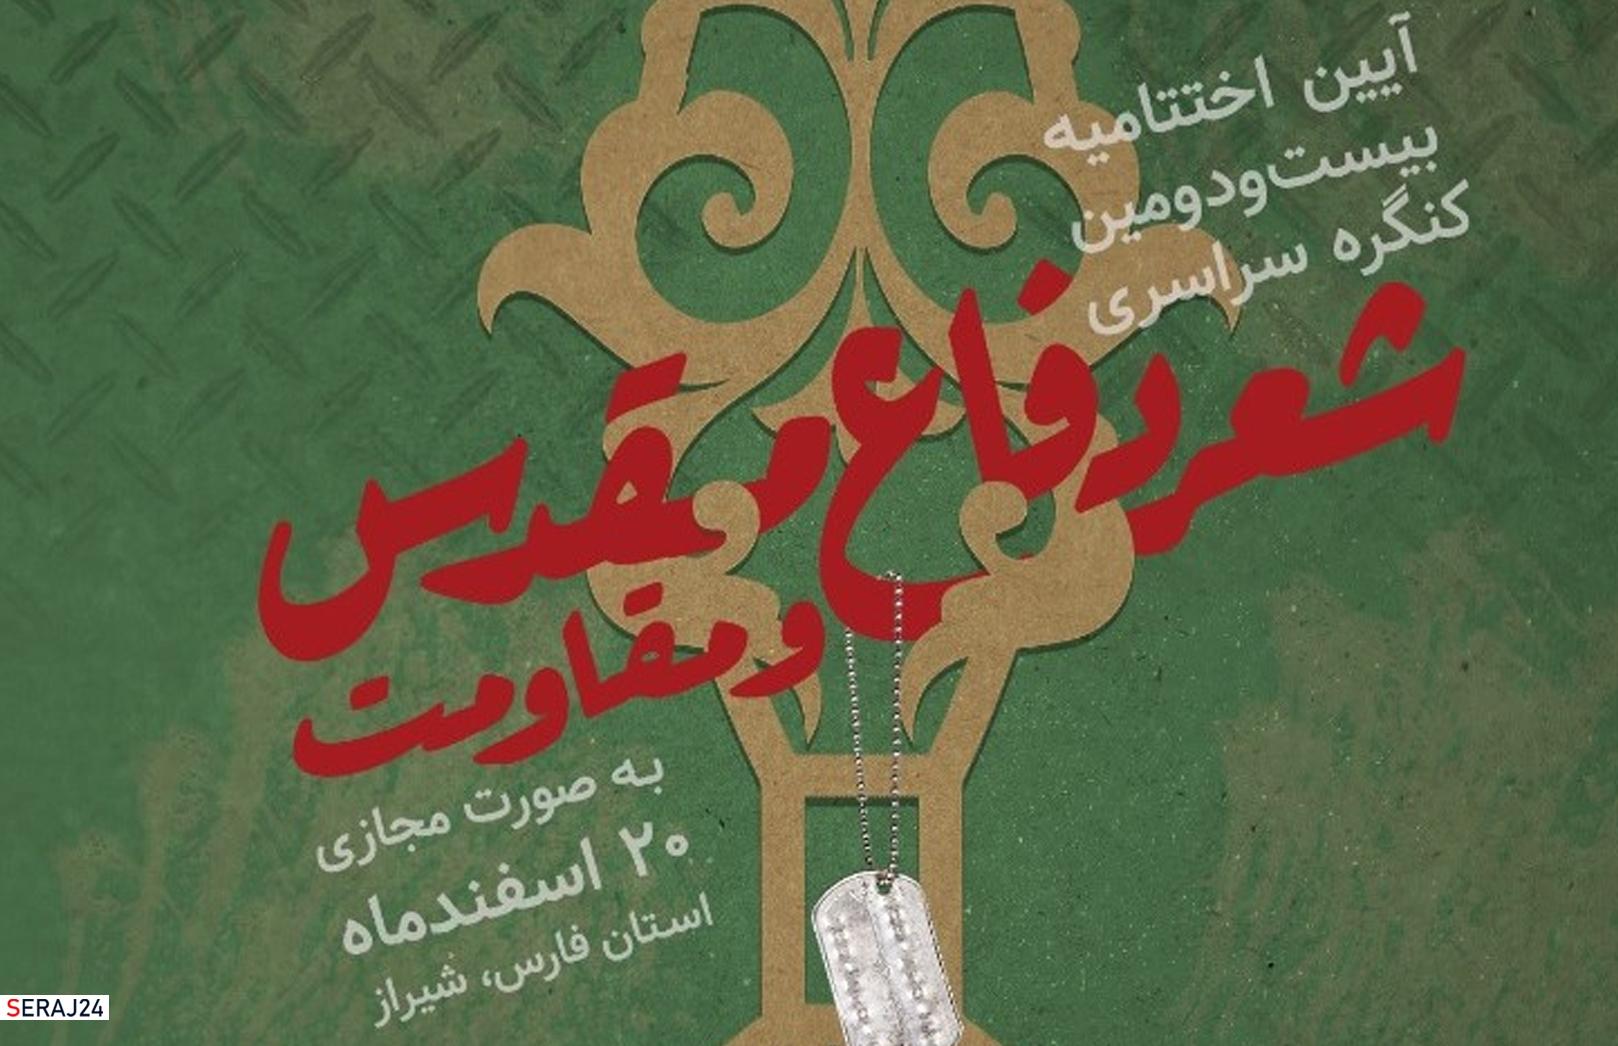 اختتامیه بیست و دومین کنگره ملی شعر دفاع مقدس و مقاومت در فارس برگزار میشود